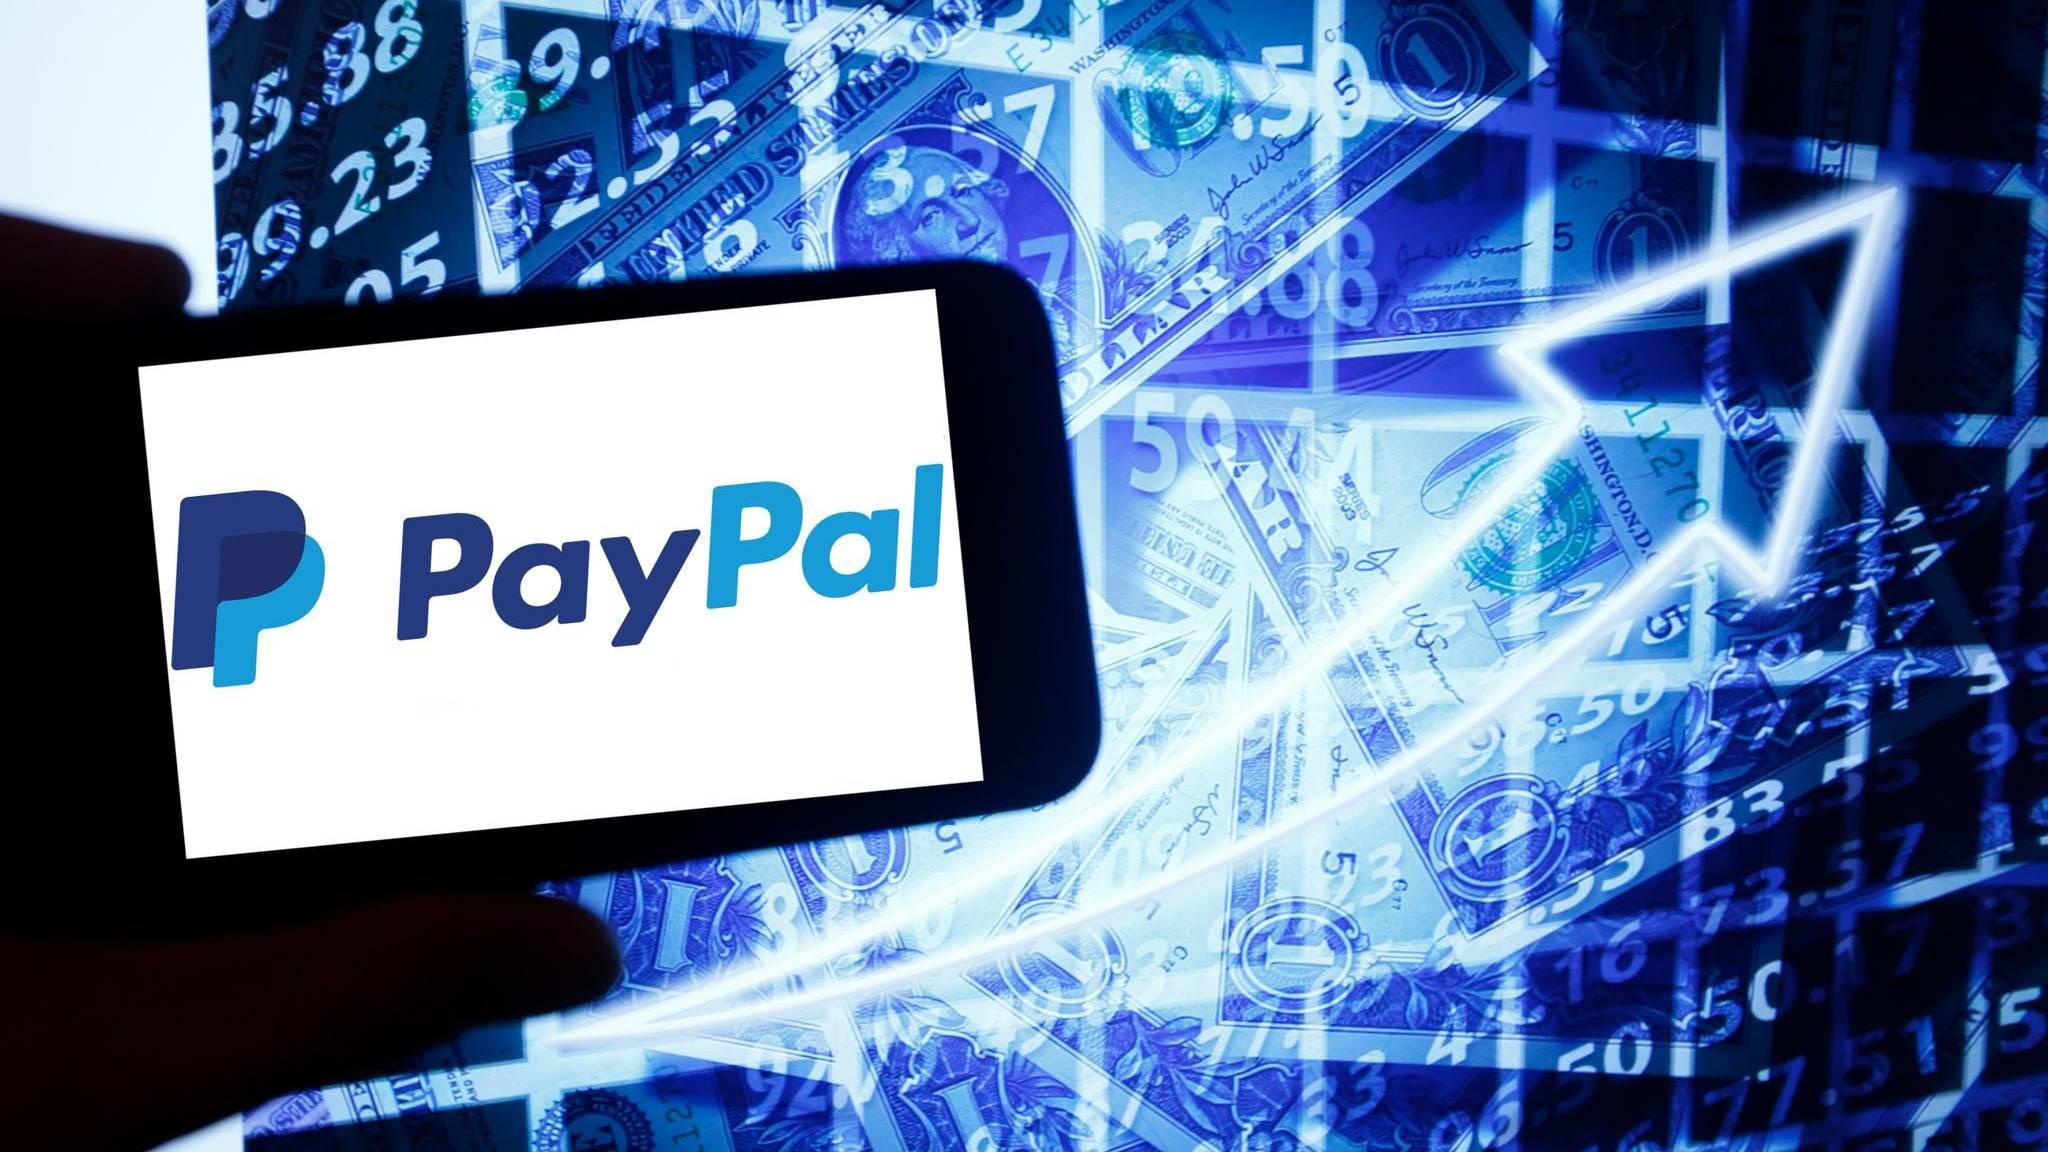 wie hoch ist die paypal gebühr